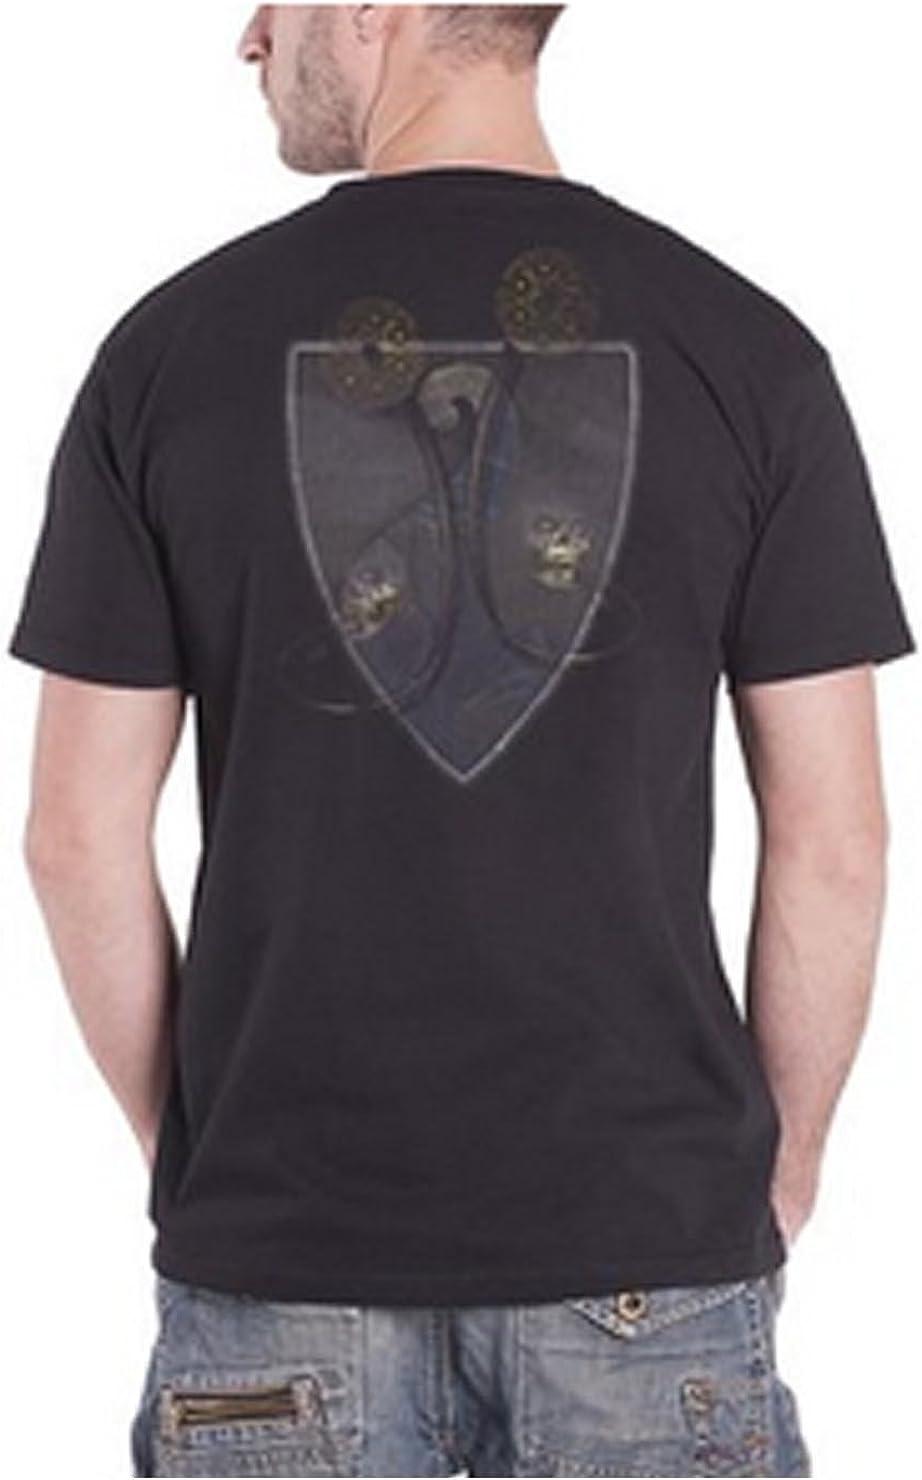 L Windir Official Merchandise Band T-Shirt 1184 //// Gr/ö/Ã/Ÿe